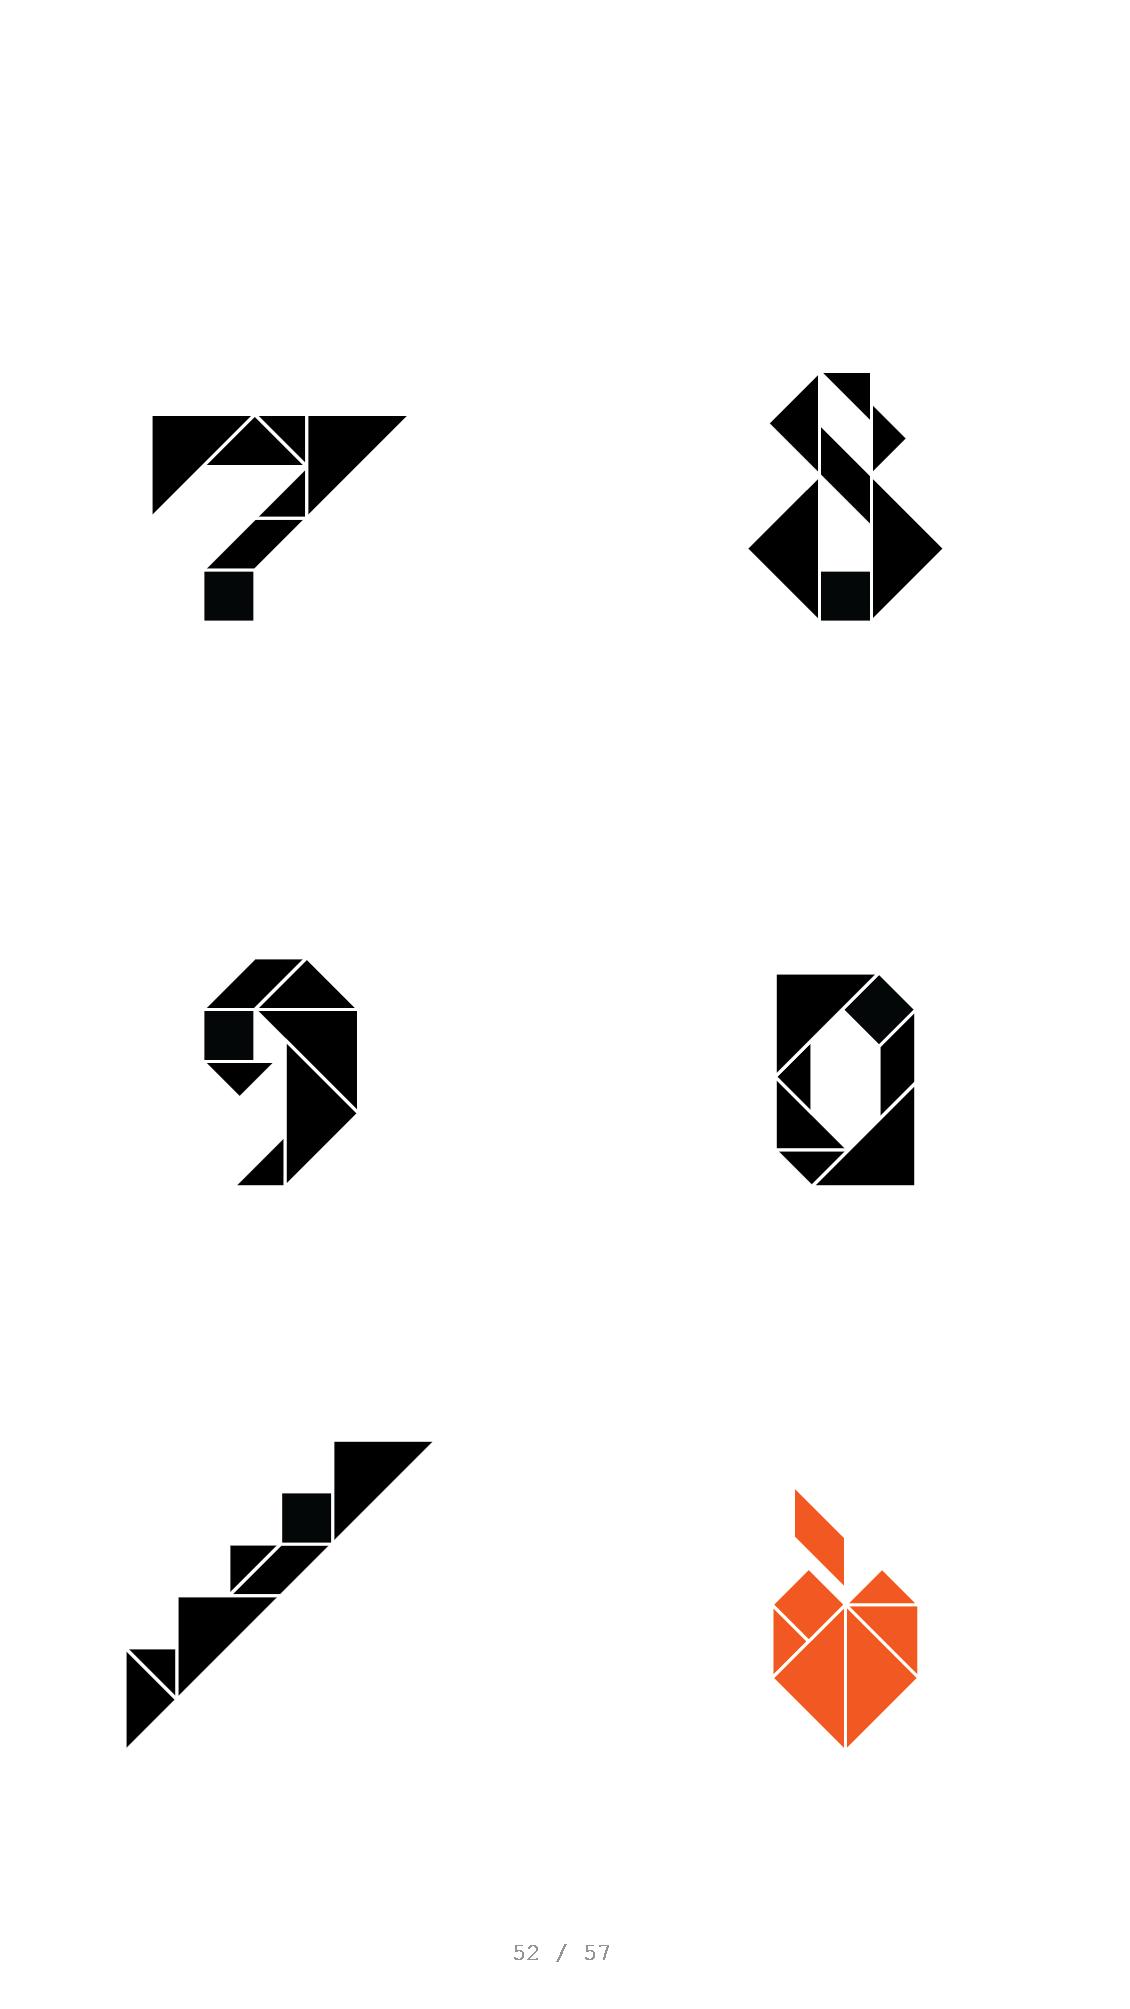 Tangram_Layout_2x3_schwarz-52